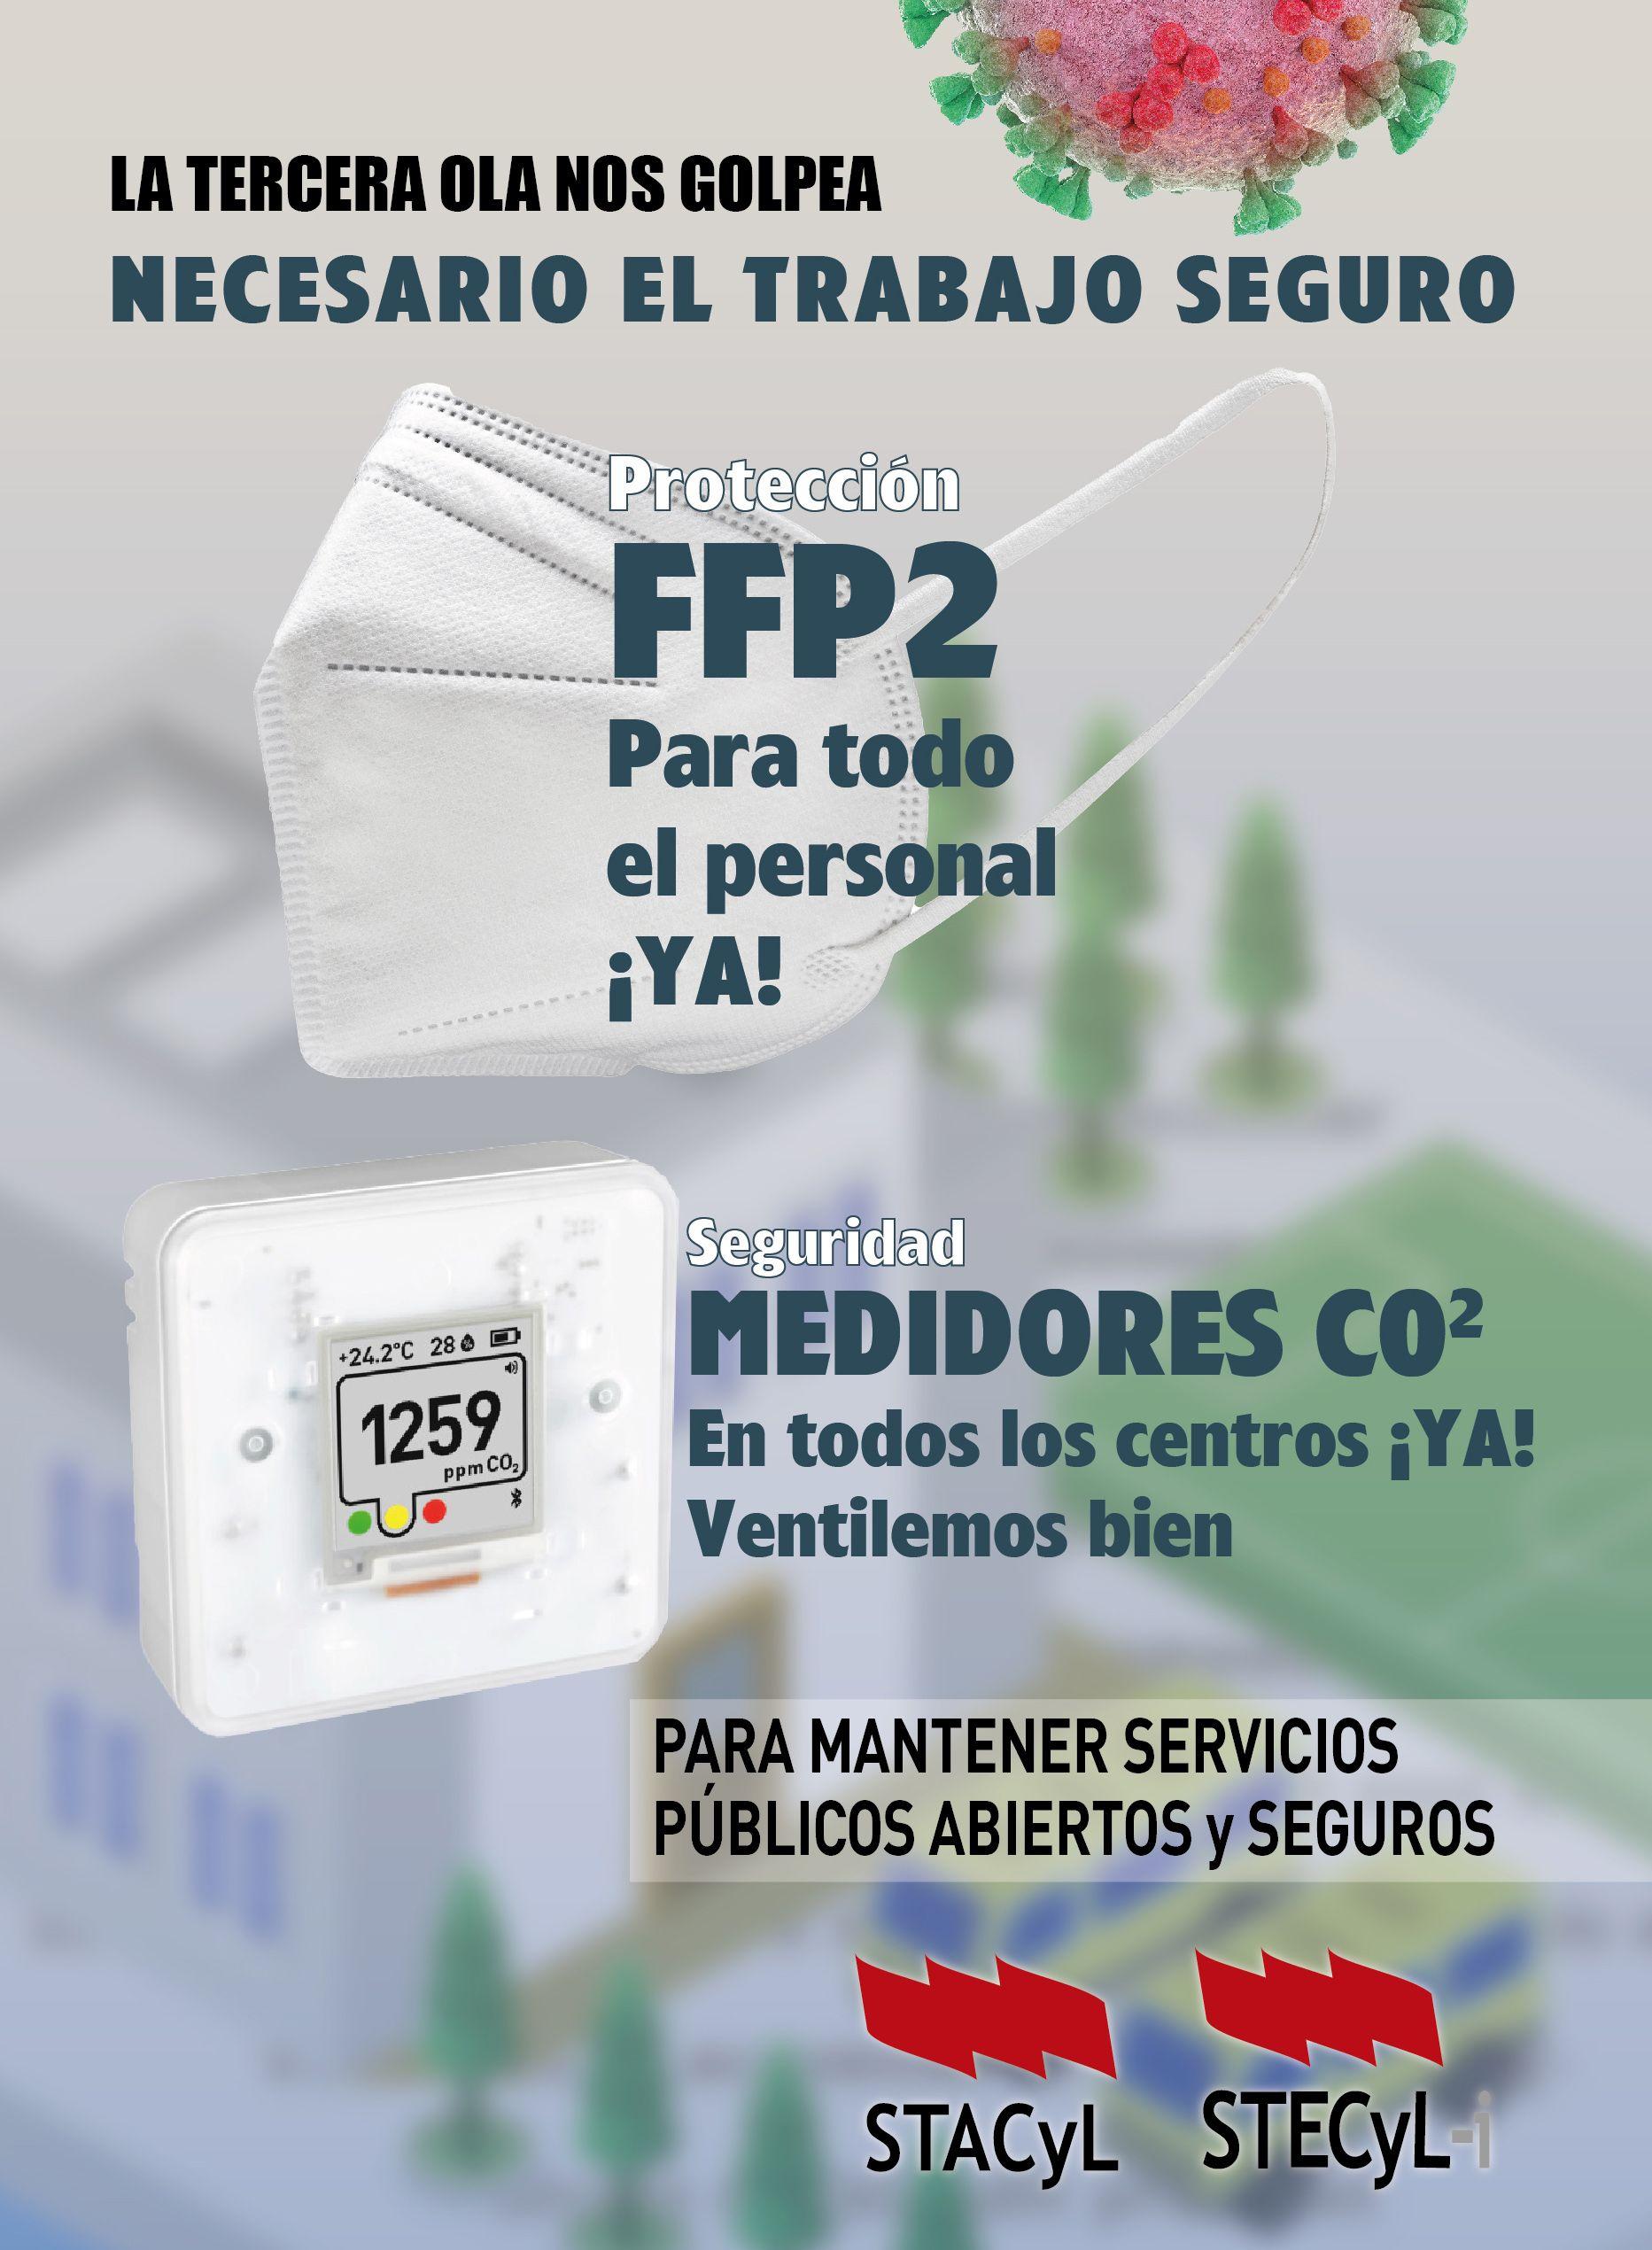 CARTEL-SALUD-LABORAL-FFP-Y-MEDIDORES